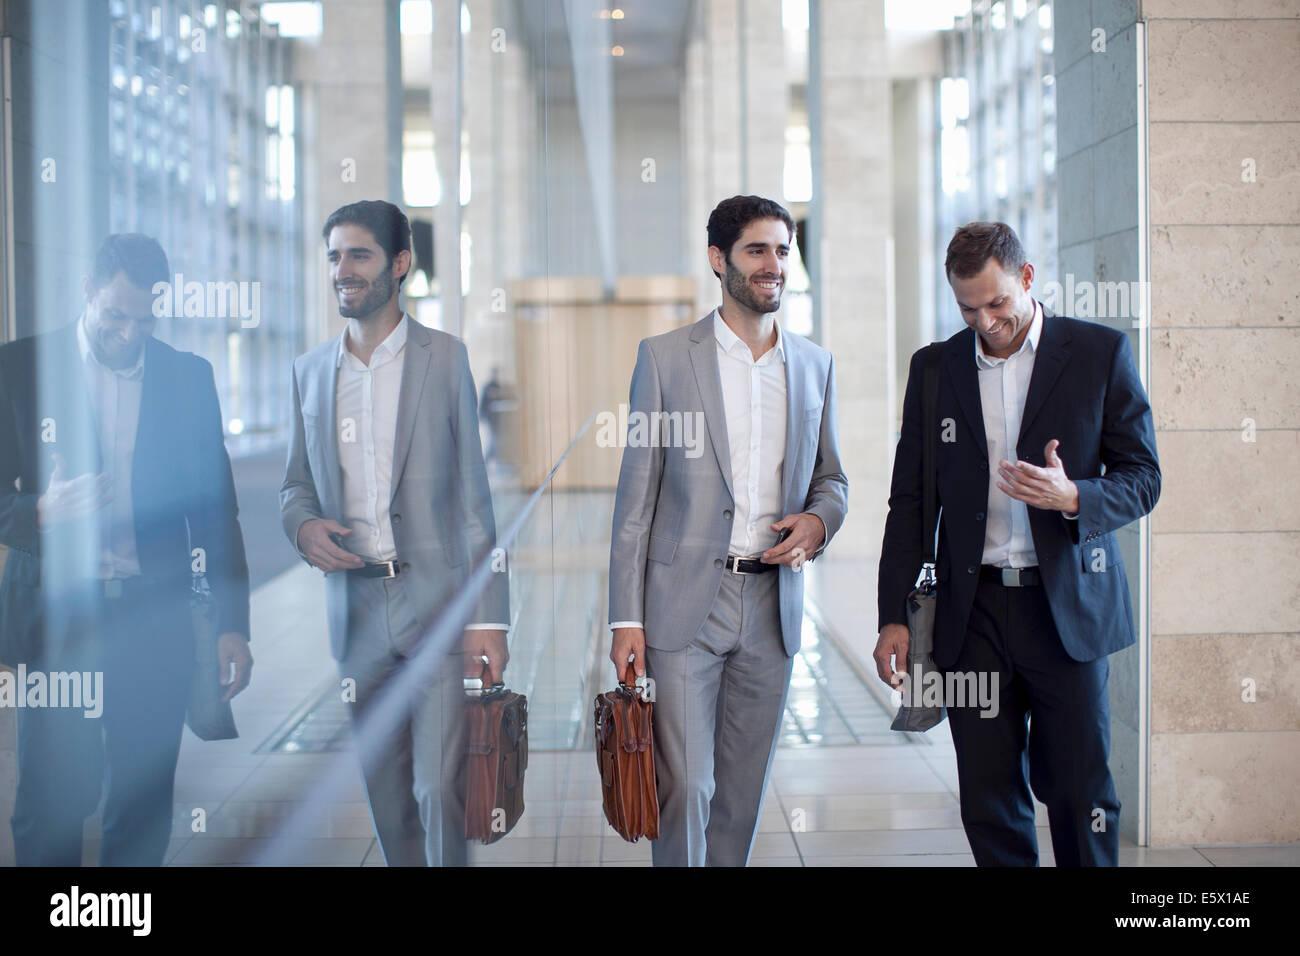 Dos jóvenes empresarios caminando y conversando en el centro de conferencias Imagen De Stock